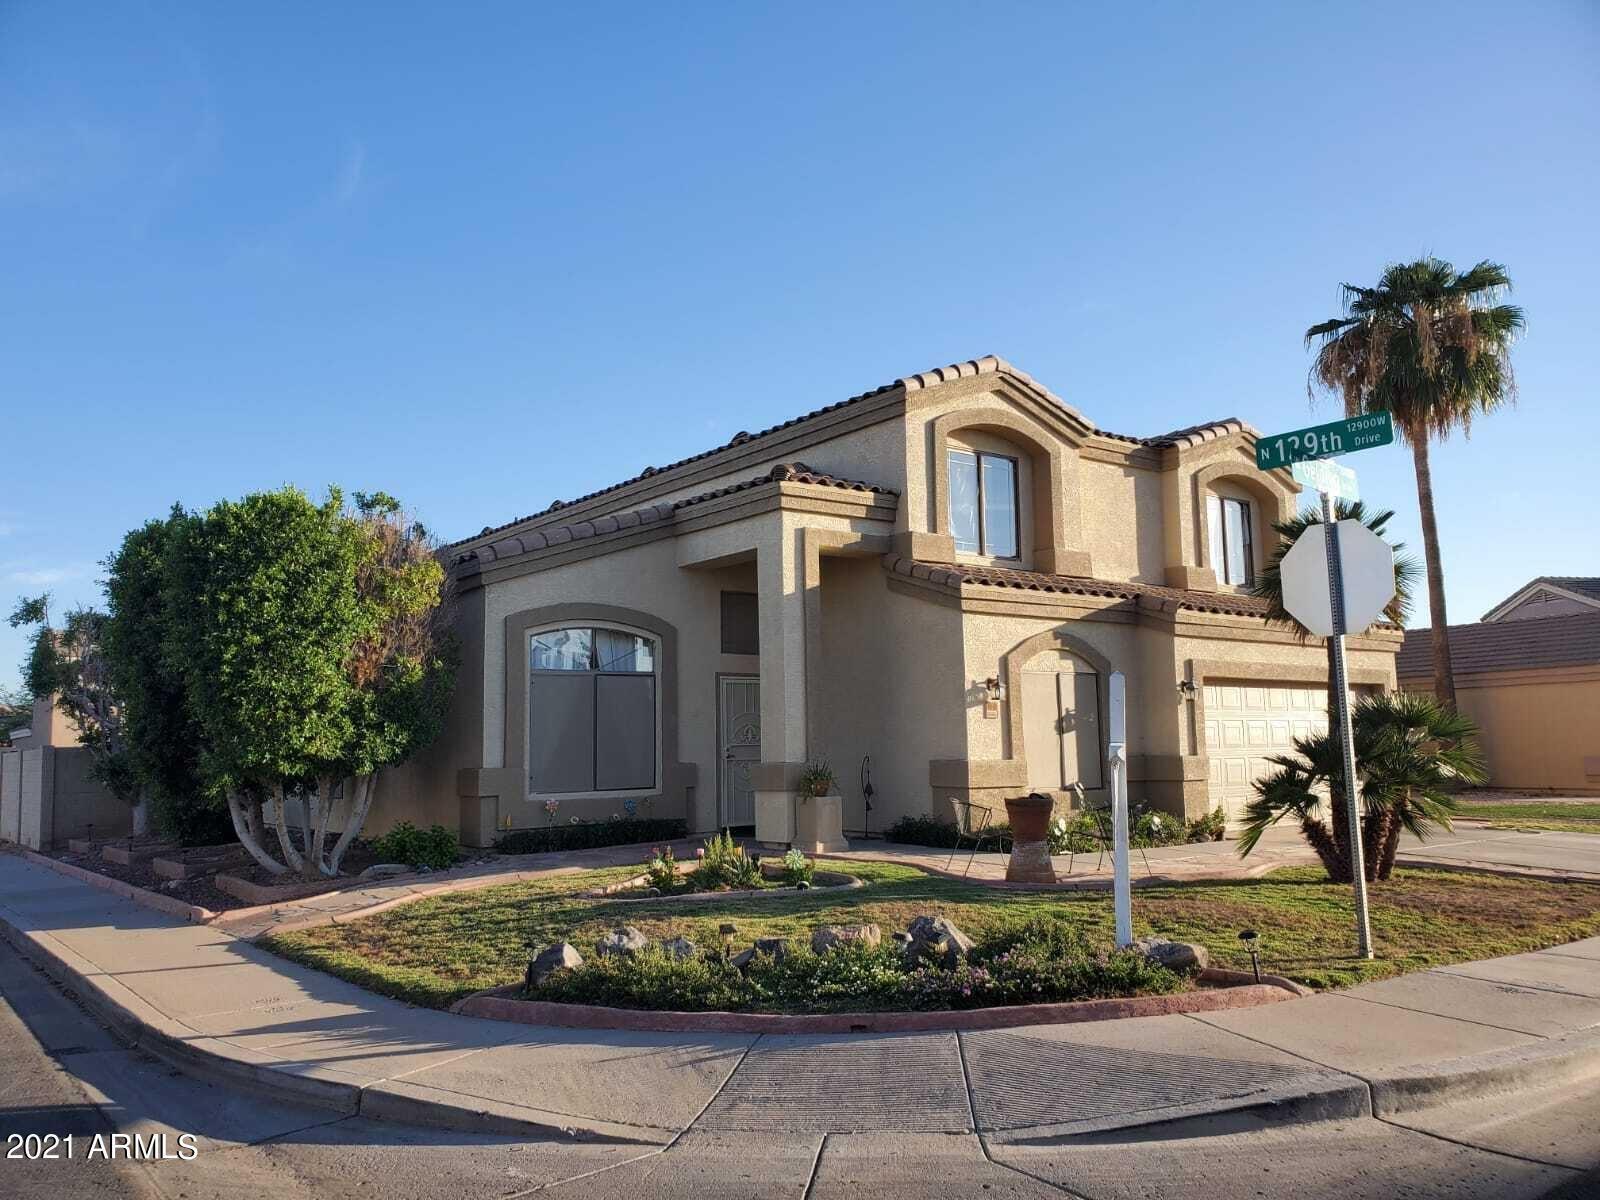 Photo of 12901 W GELDING Drive, El Mirage, AZ 85335 (MLS # 6301906)